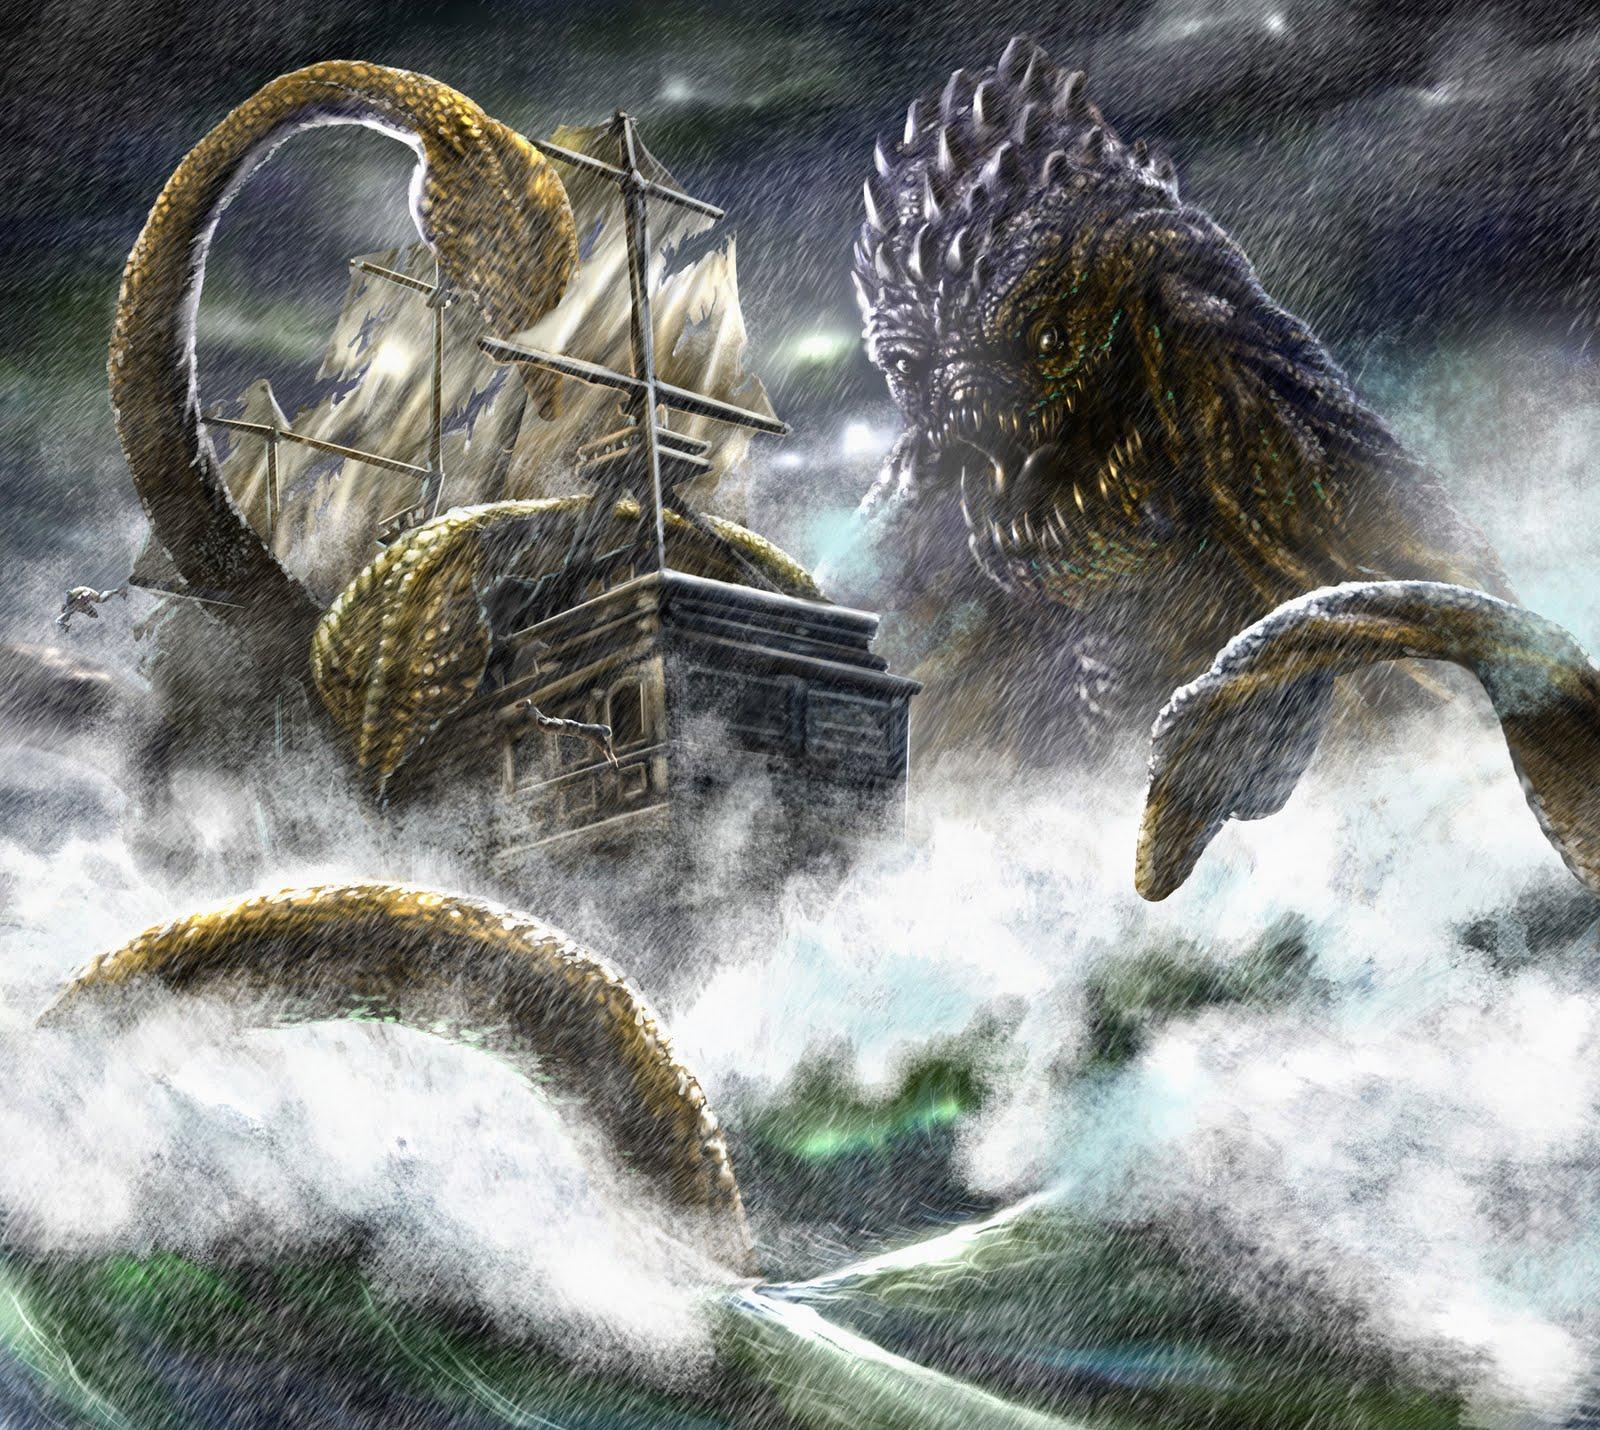 Una aventura... ¿de piratas? - Página 8 The_Kraken_attacks_by_Chongo_zilla